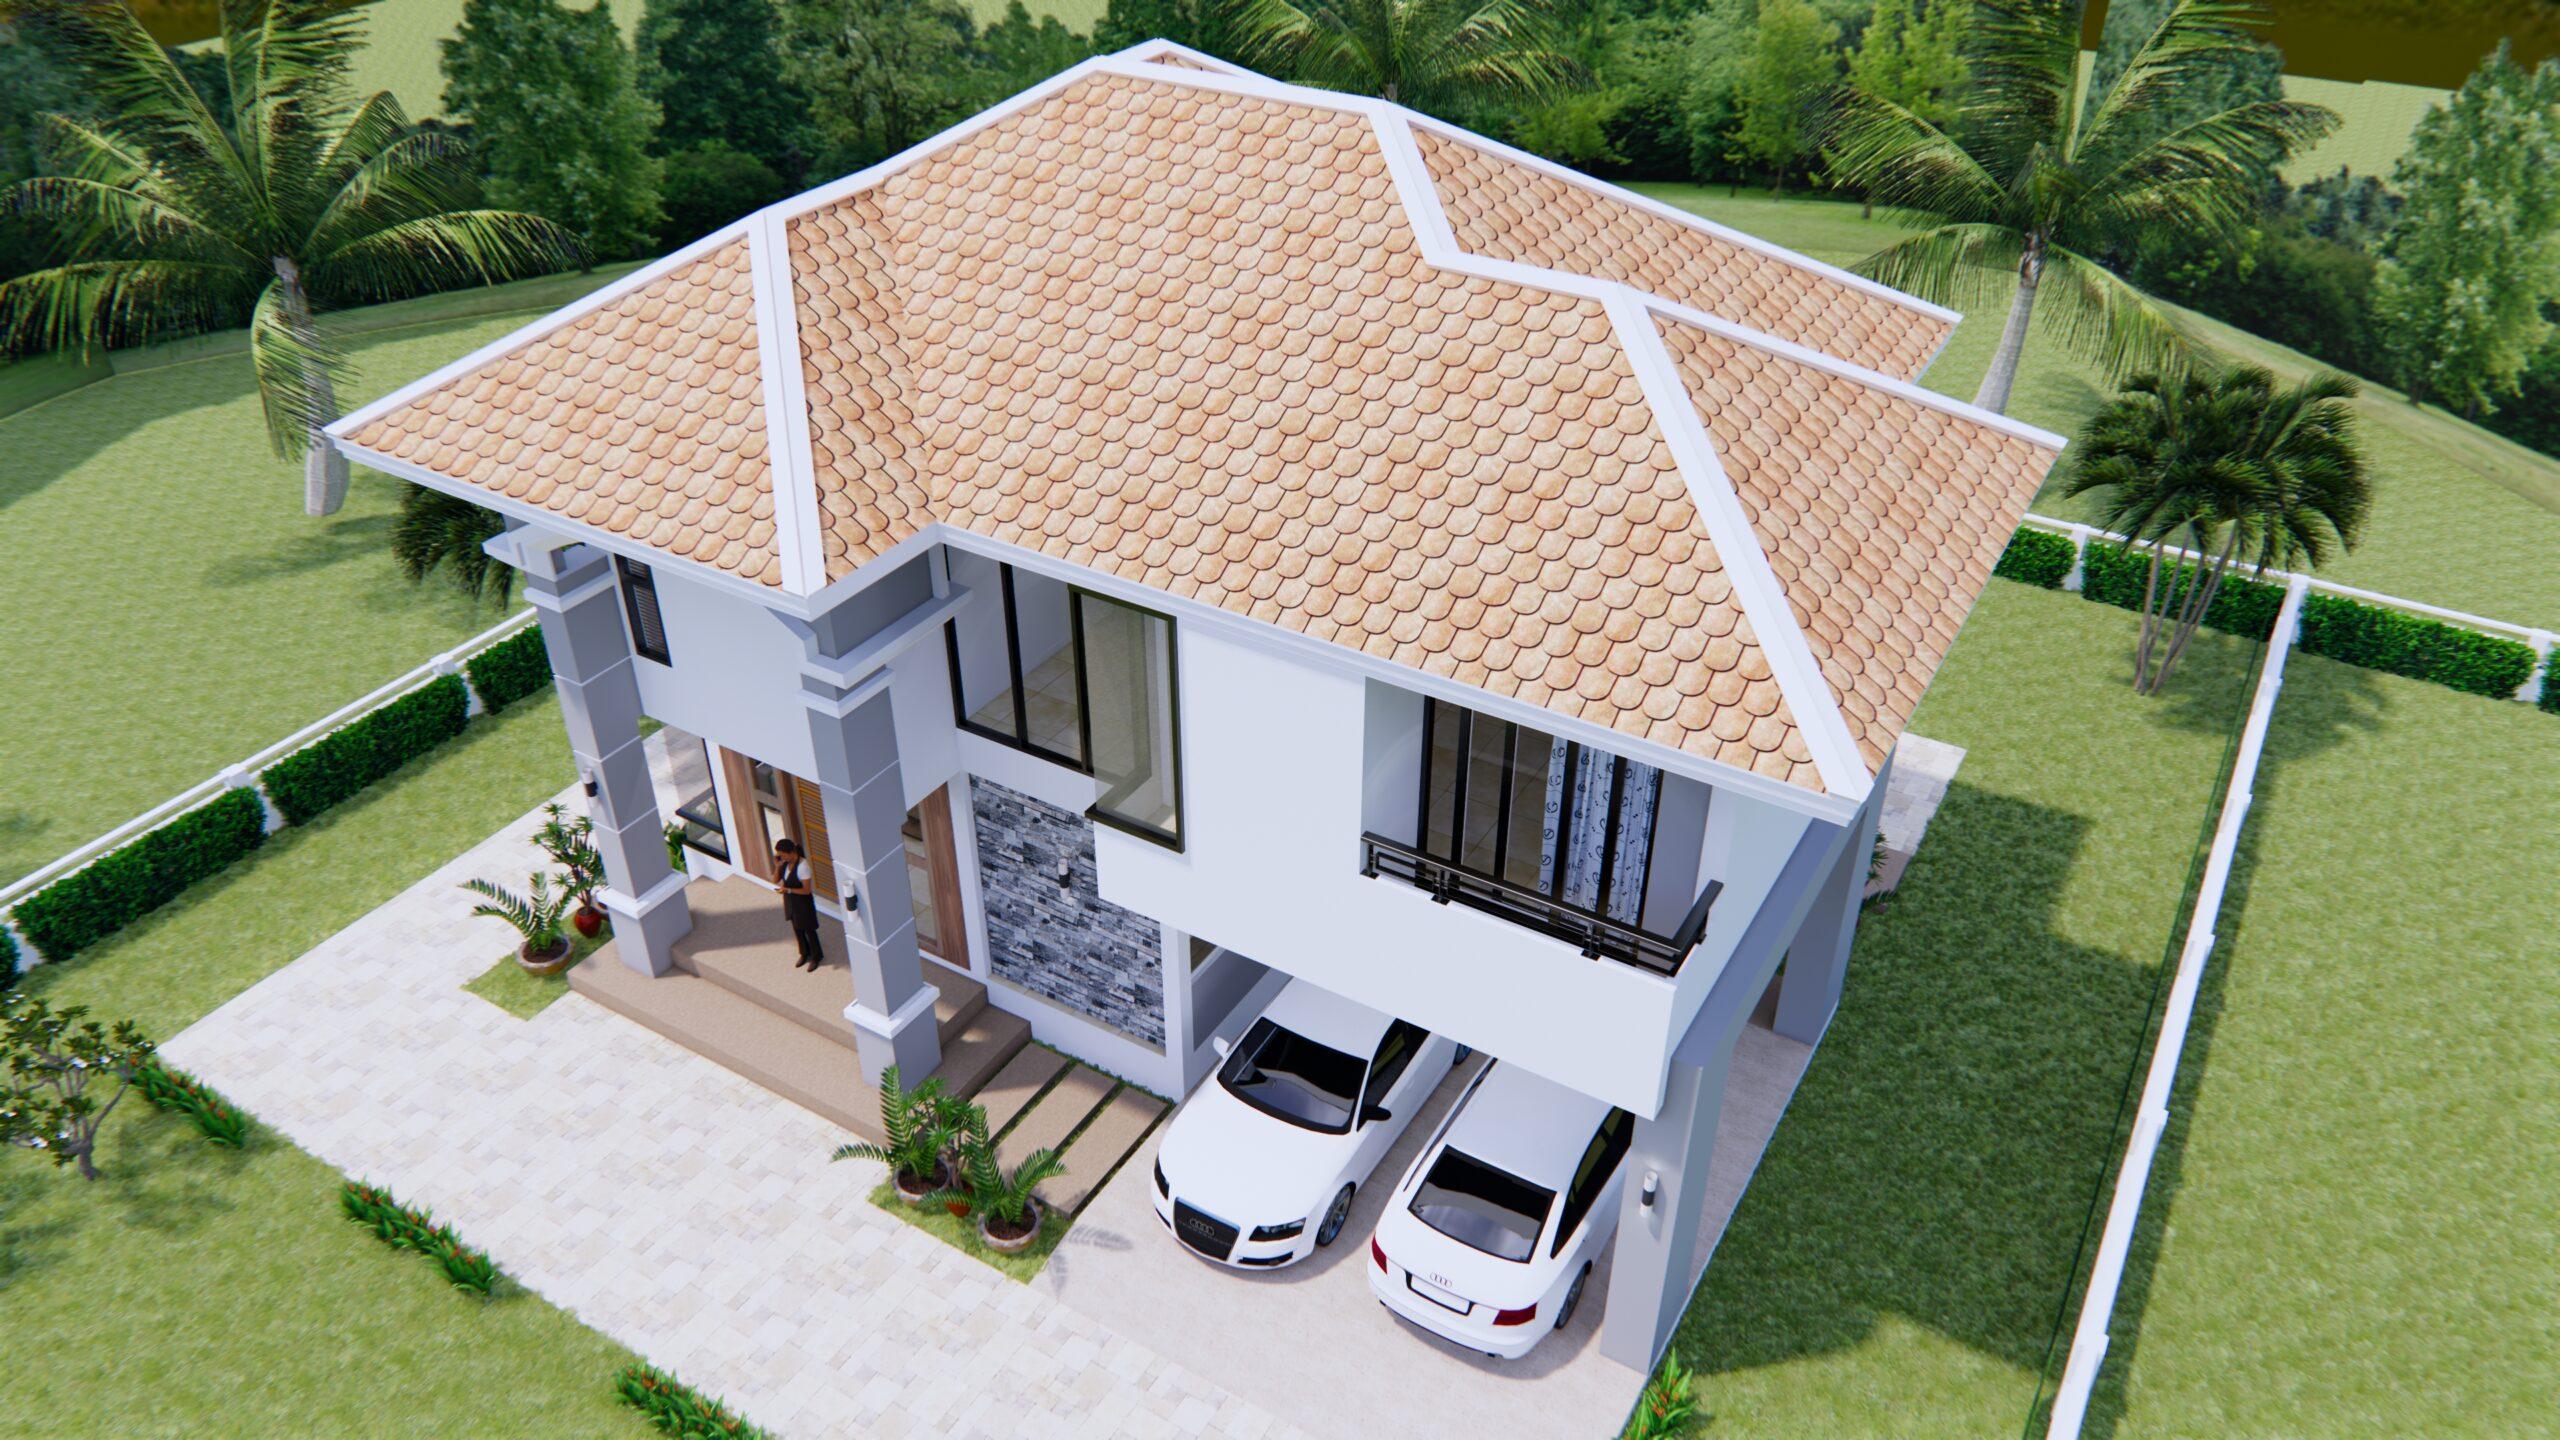 House Plans 11x8 Meter 36x26 Feet 3 Beds 4